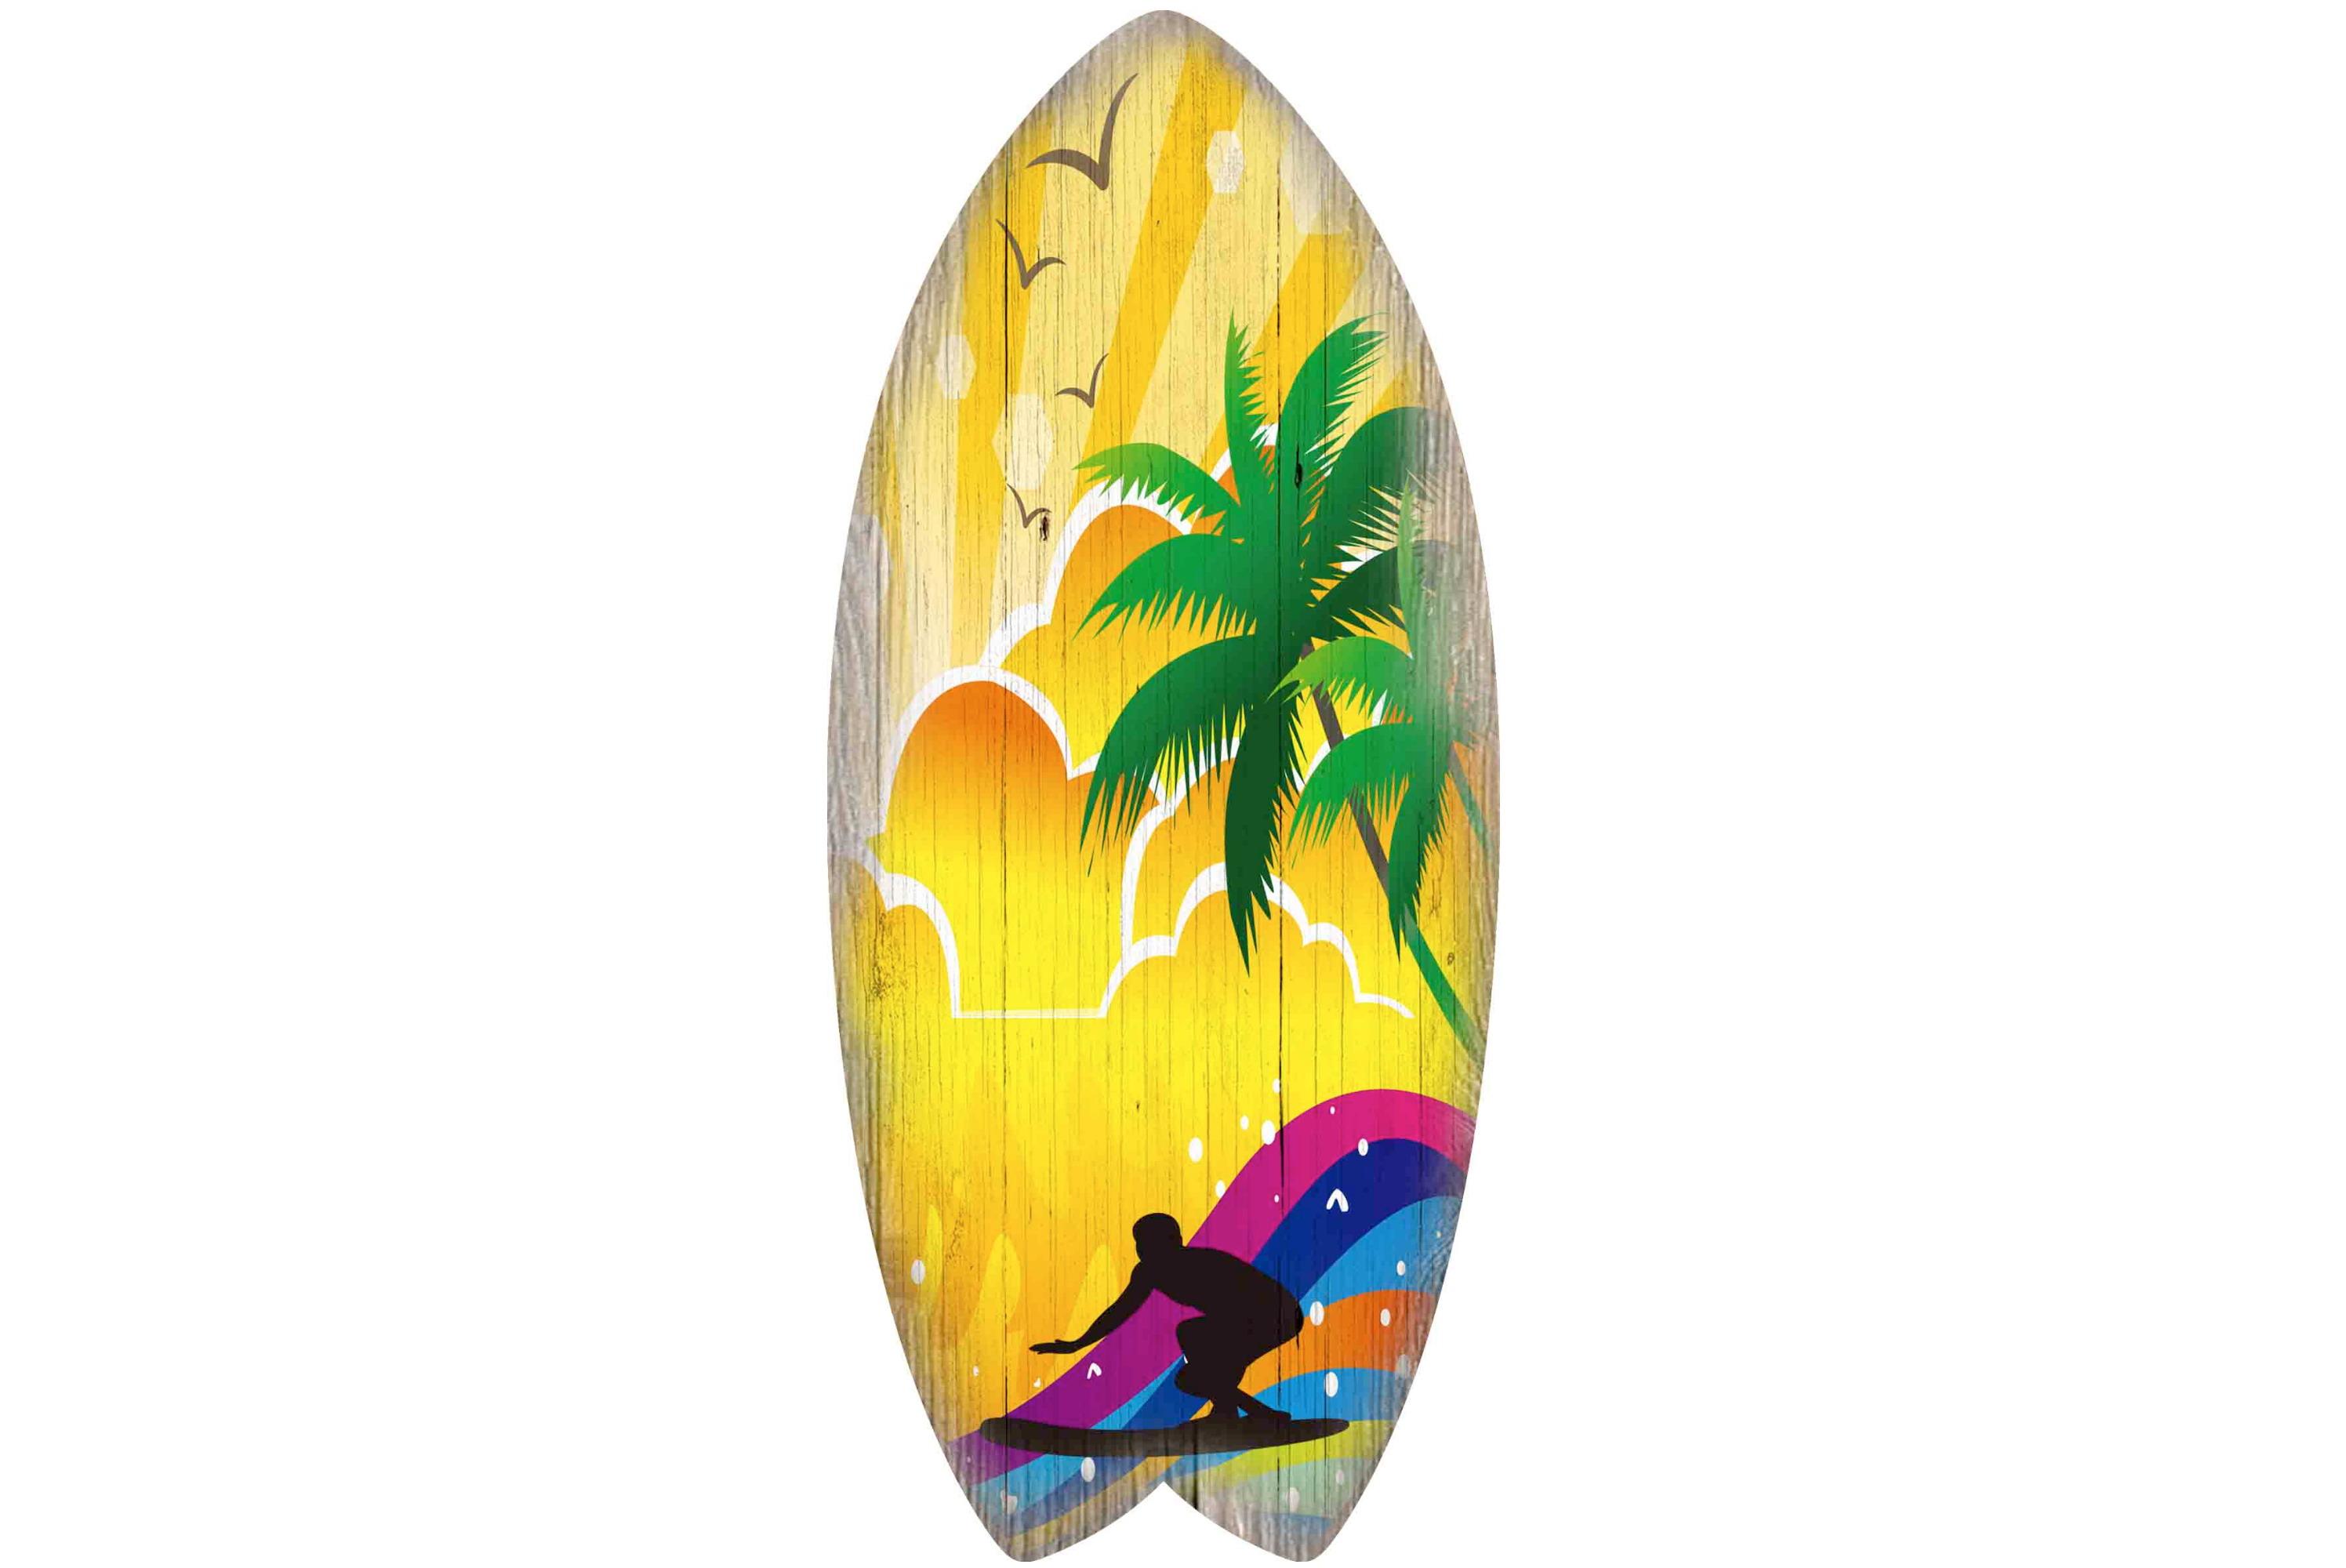 30 x 13cm Wooden Surfboard Multi Colour Surfer Design